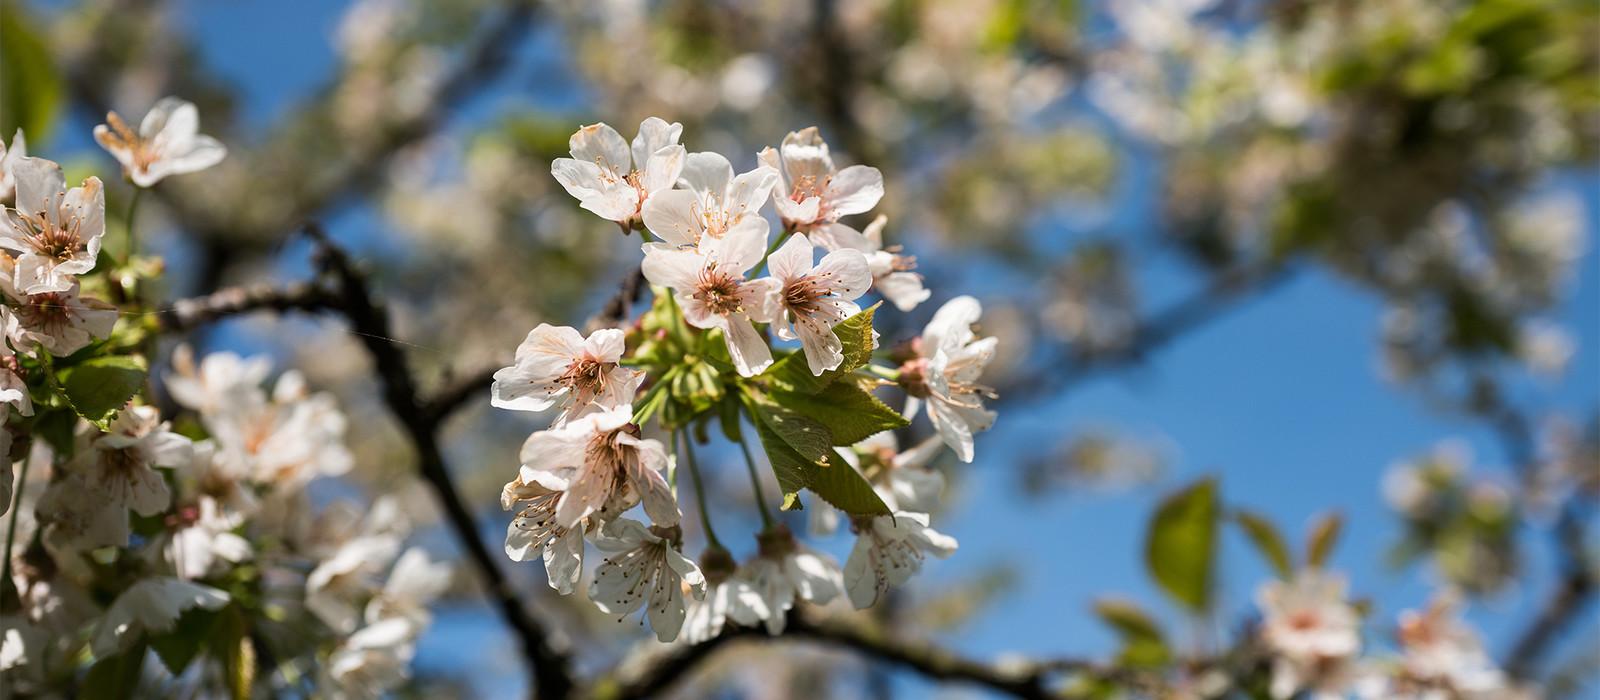 Ein Bild von Blüten an einem Baum im Frühling